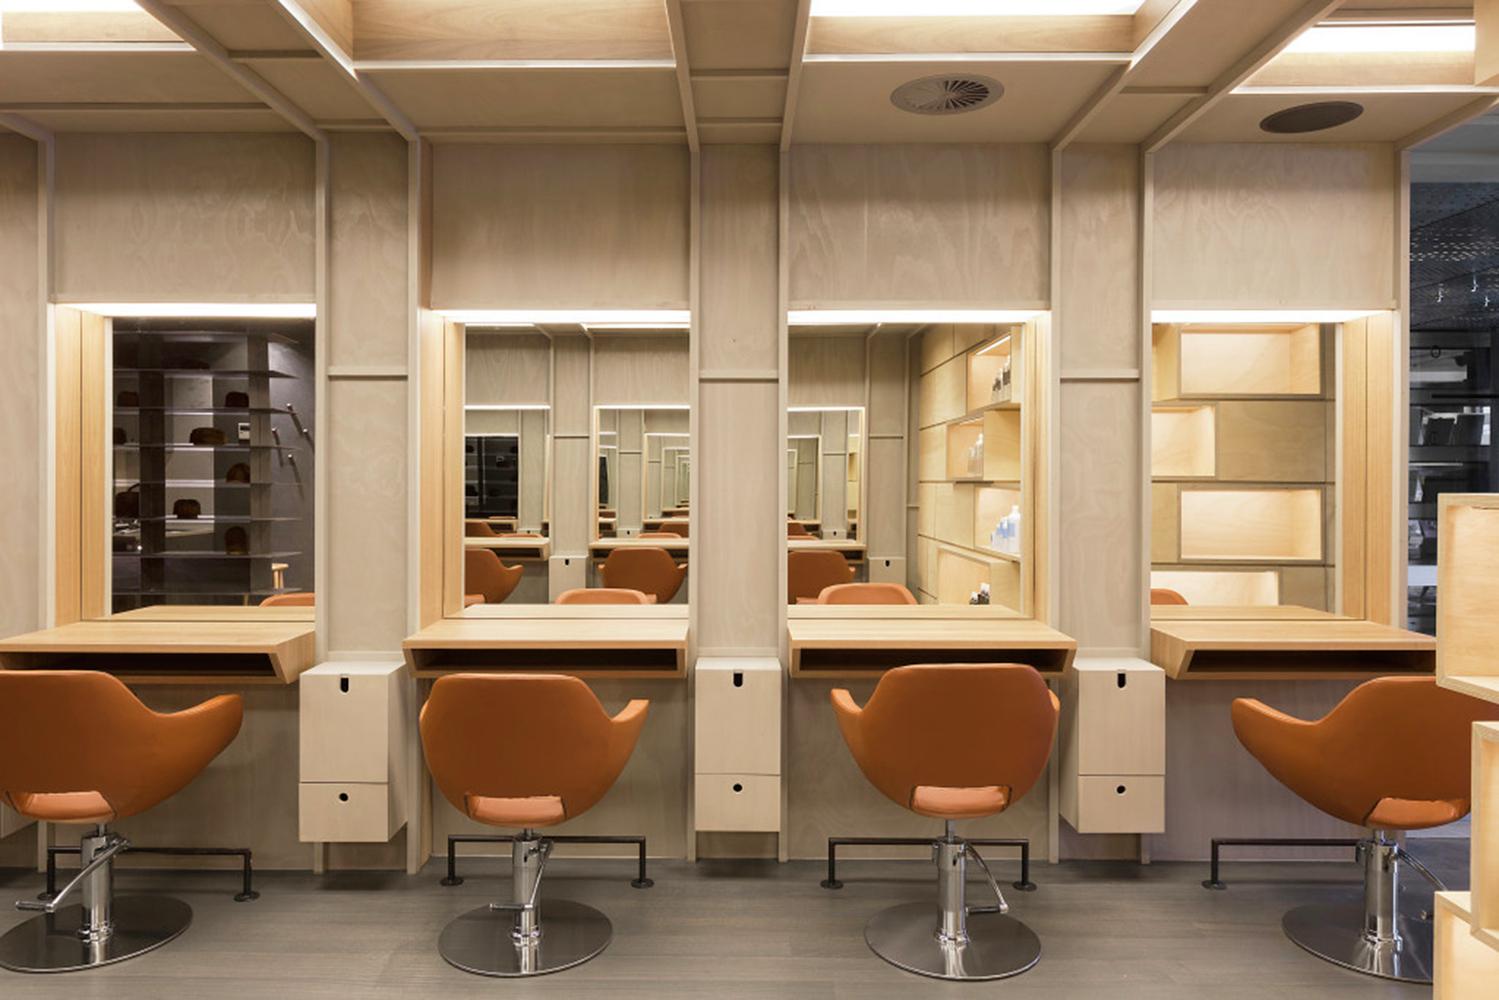 Интерьер салона красоты: места для клиентов